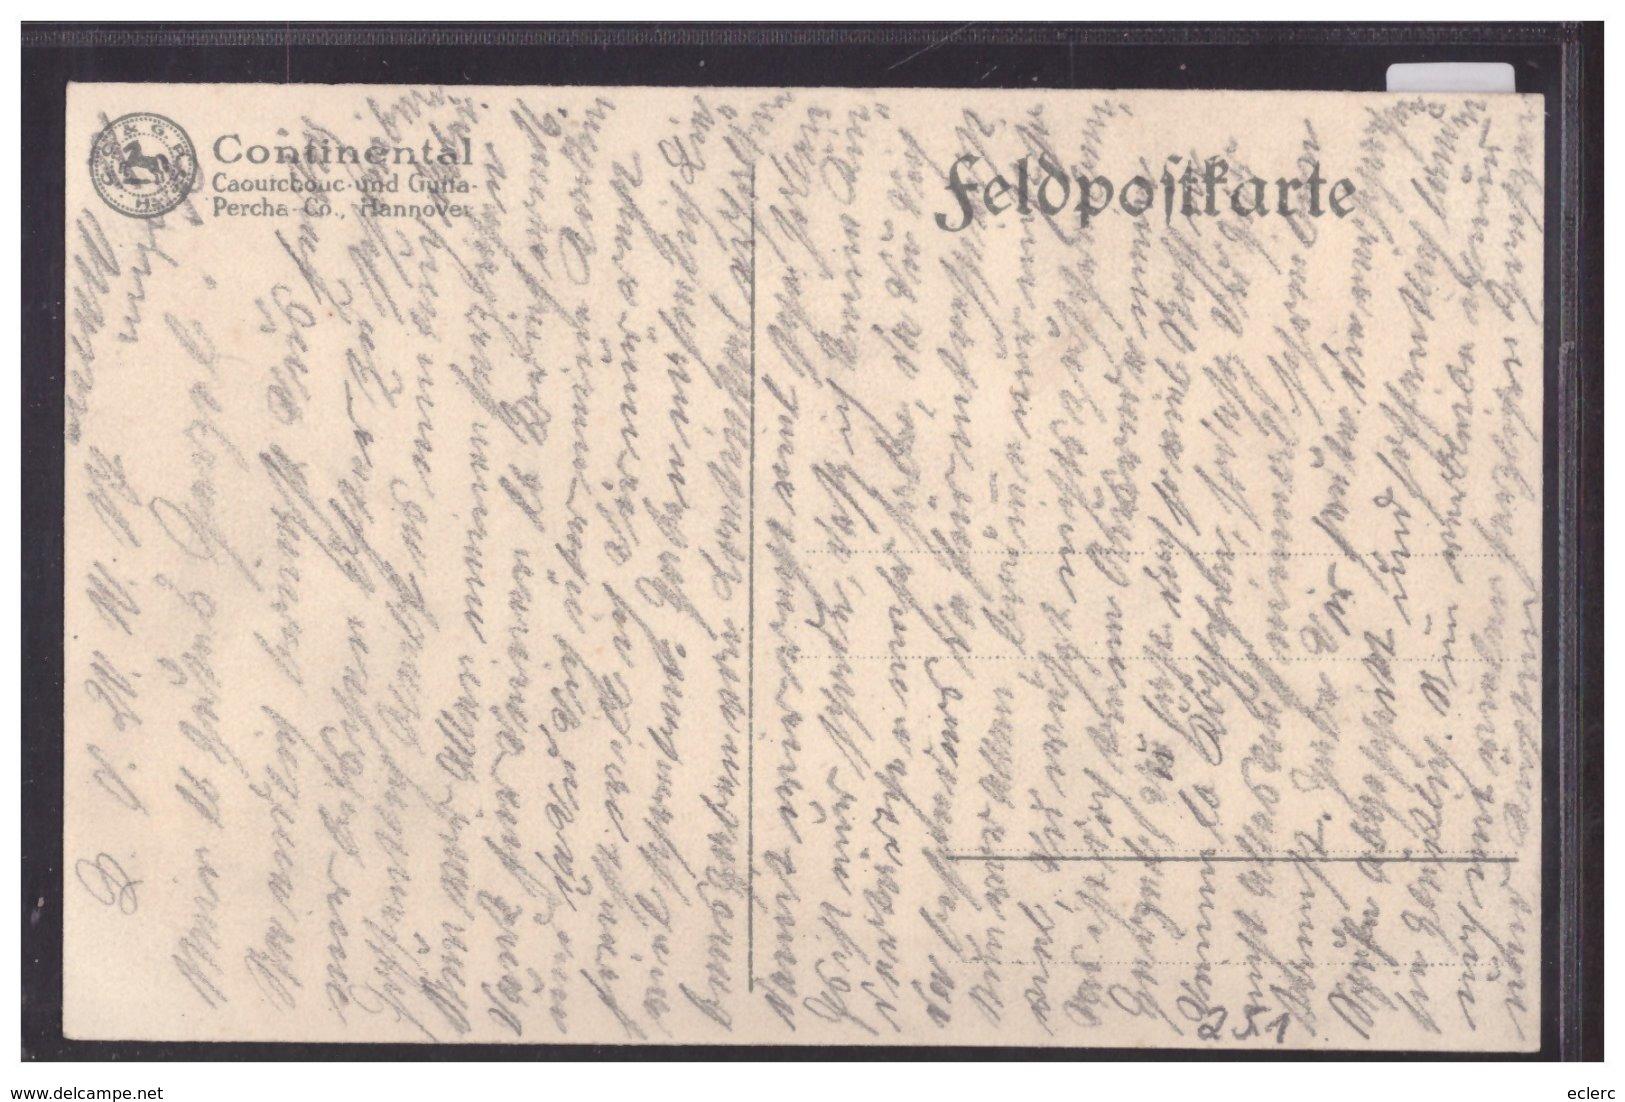 PUBLICITE CONTINENTAL - POST ORDONNANZ - CAOUTCHOUC Cie STOCKHOLM - TB - Advertising